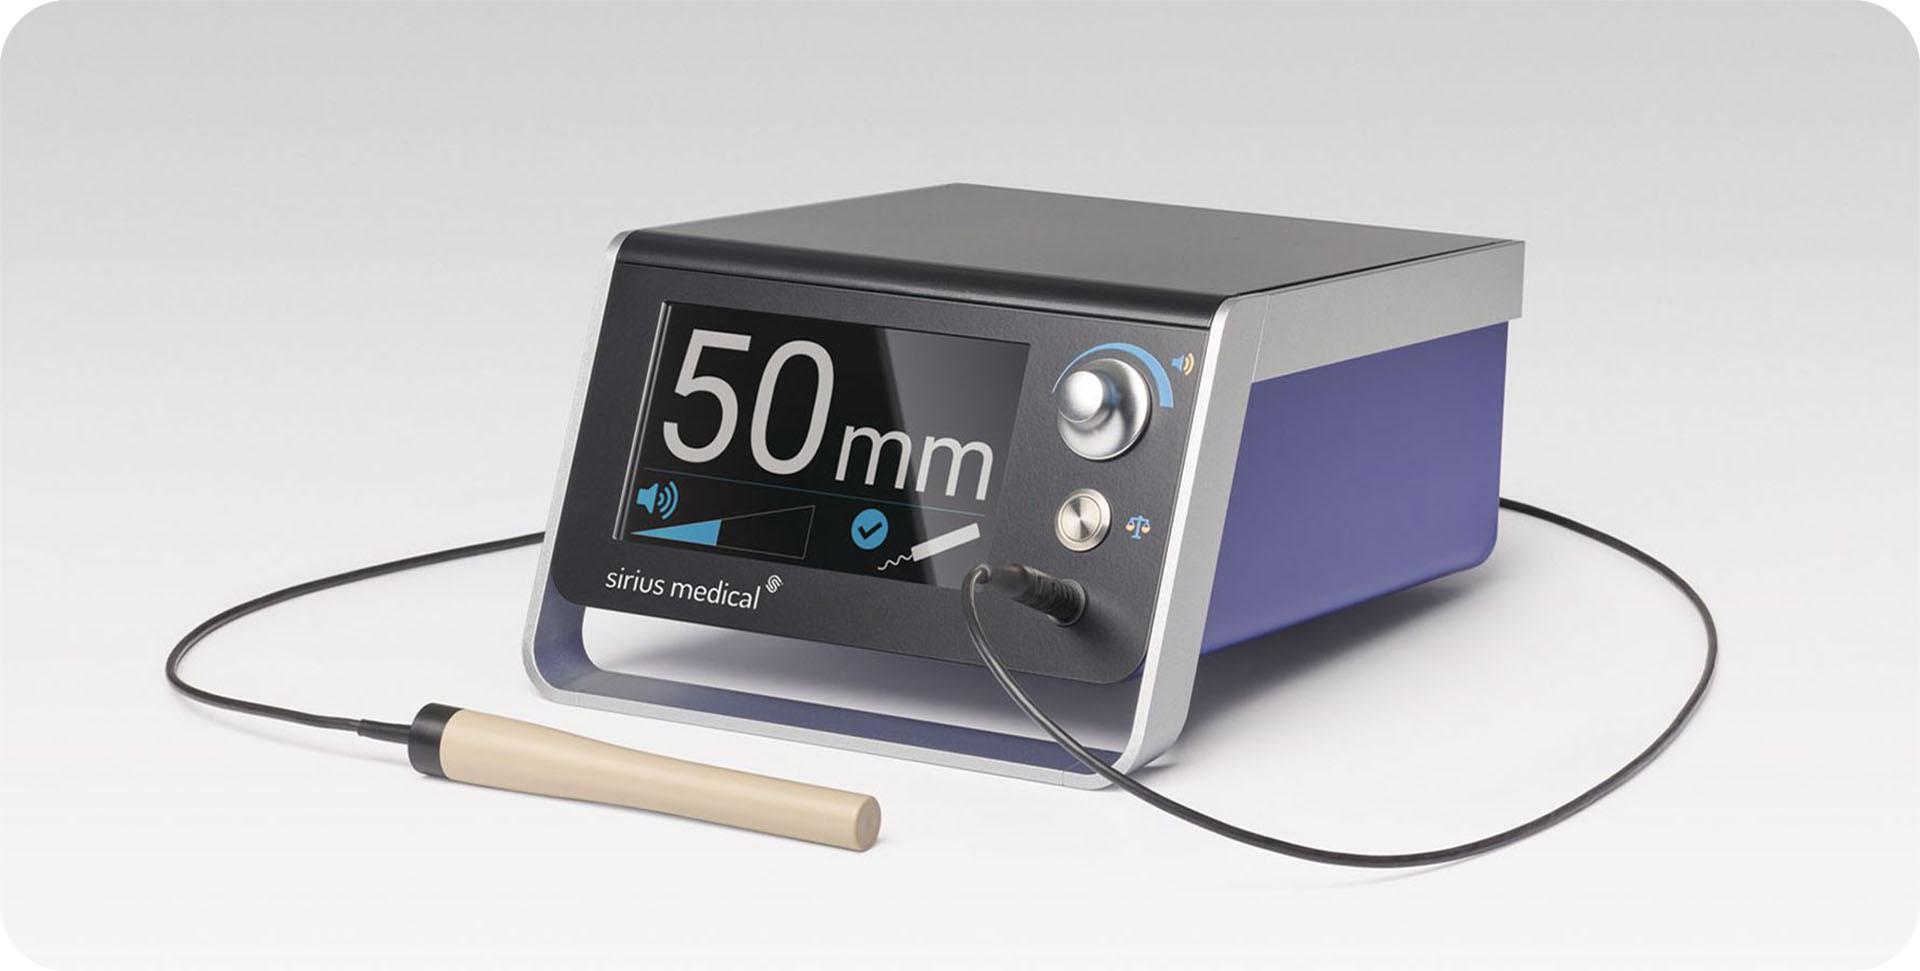 3T en Sirius Medical ontwikkelen medical device voor tumorlokalisatie